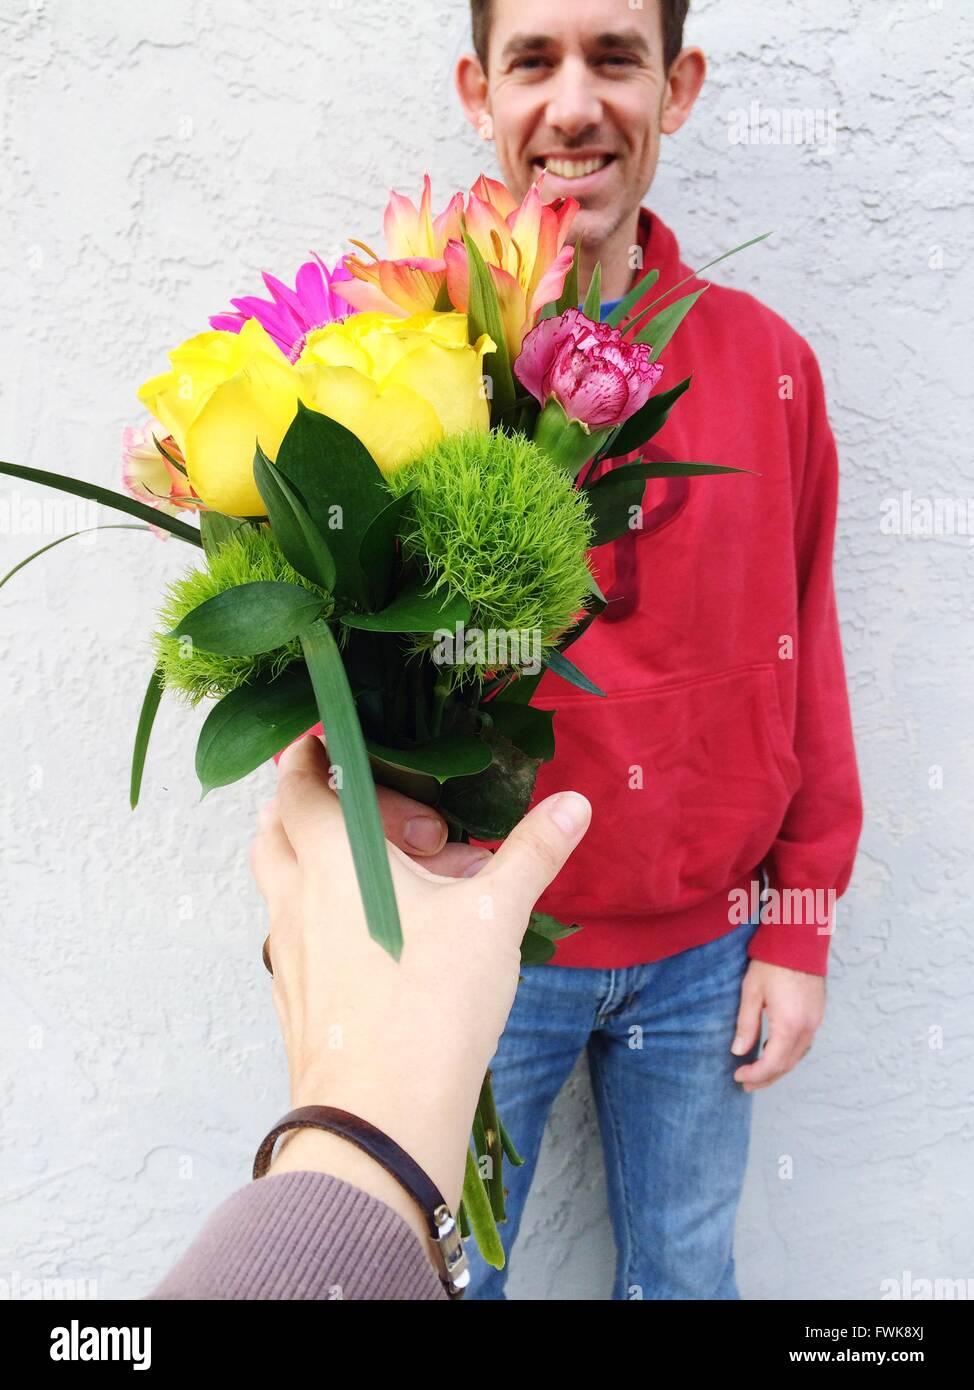 Immagine ritagliata della donna bouquet di ricezione da ragazzo contro la parete Immagini Stock